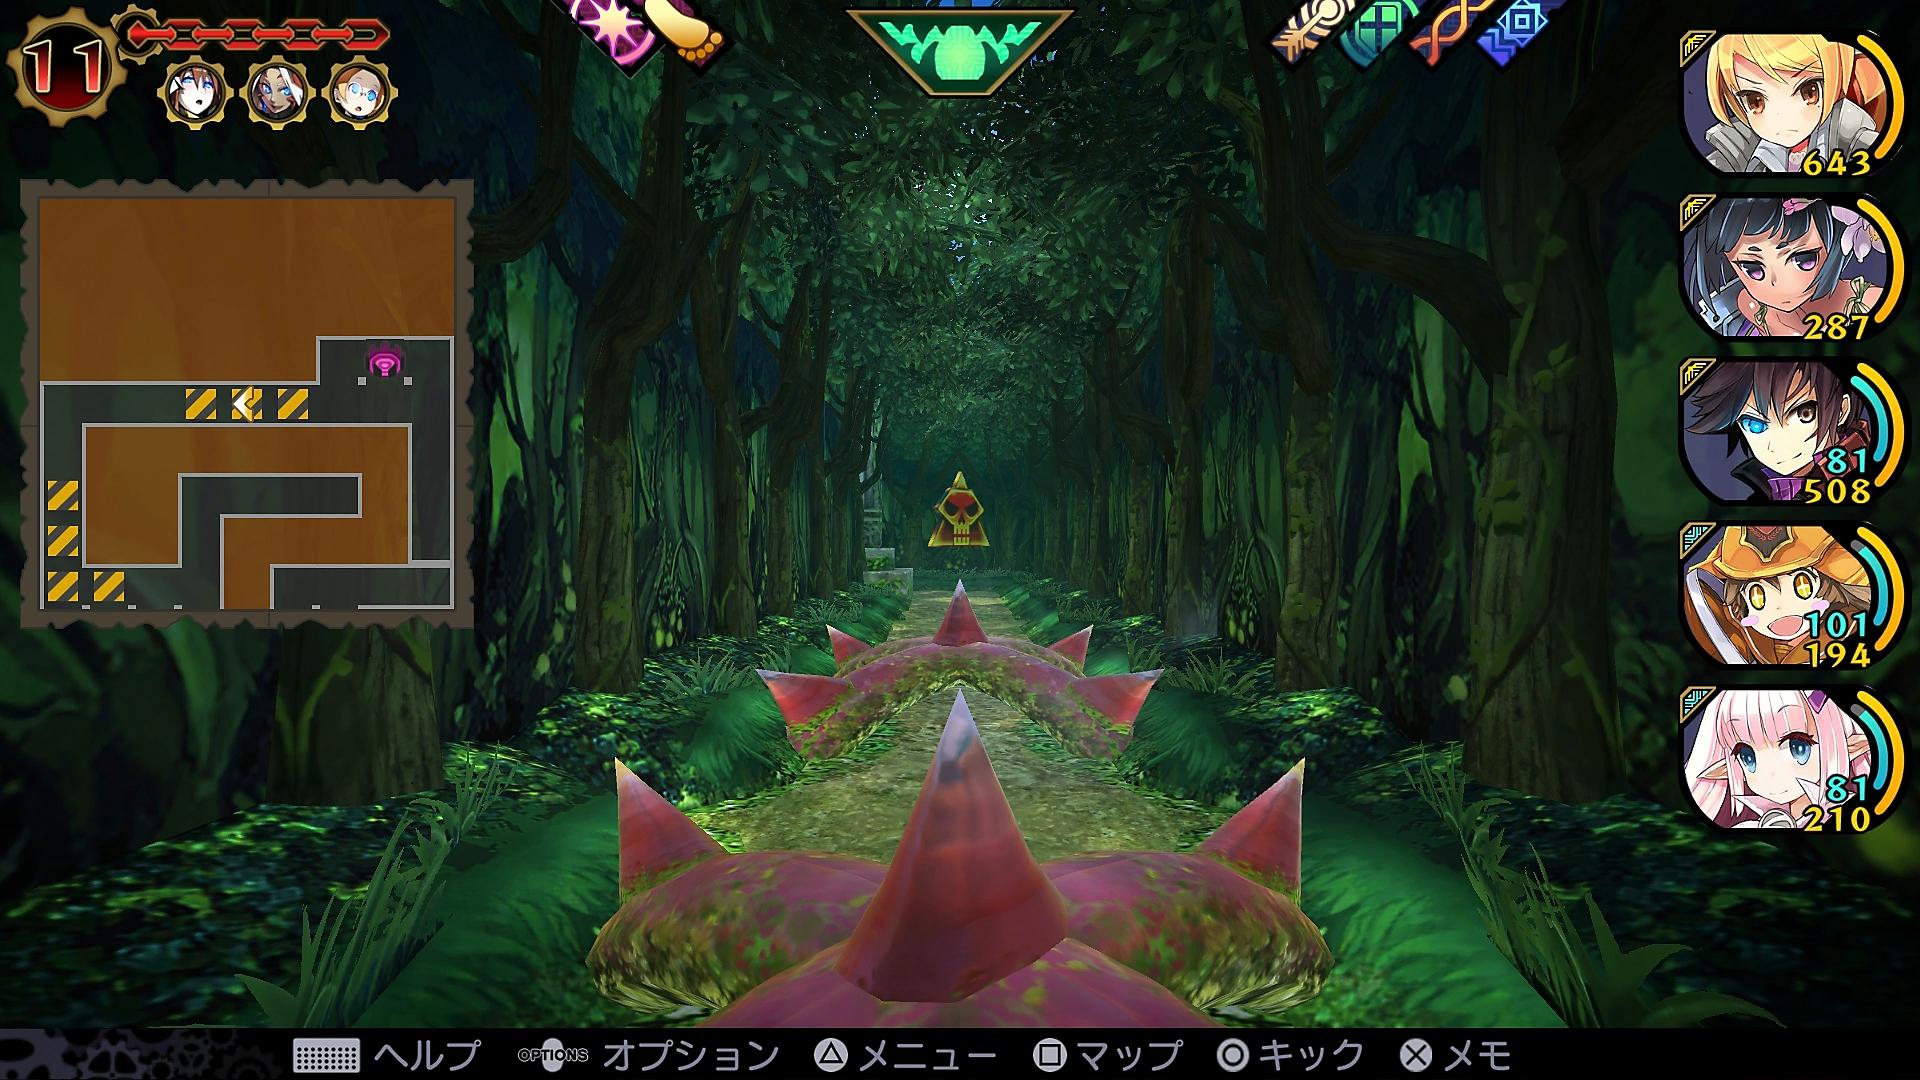 デモンゲイズ エクストラ - Gallery Screenshot 4